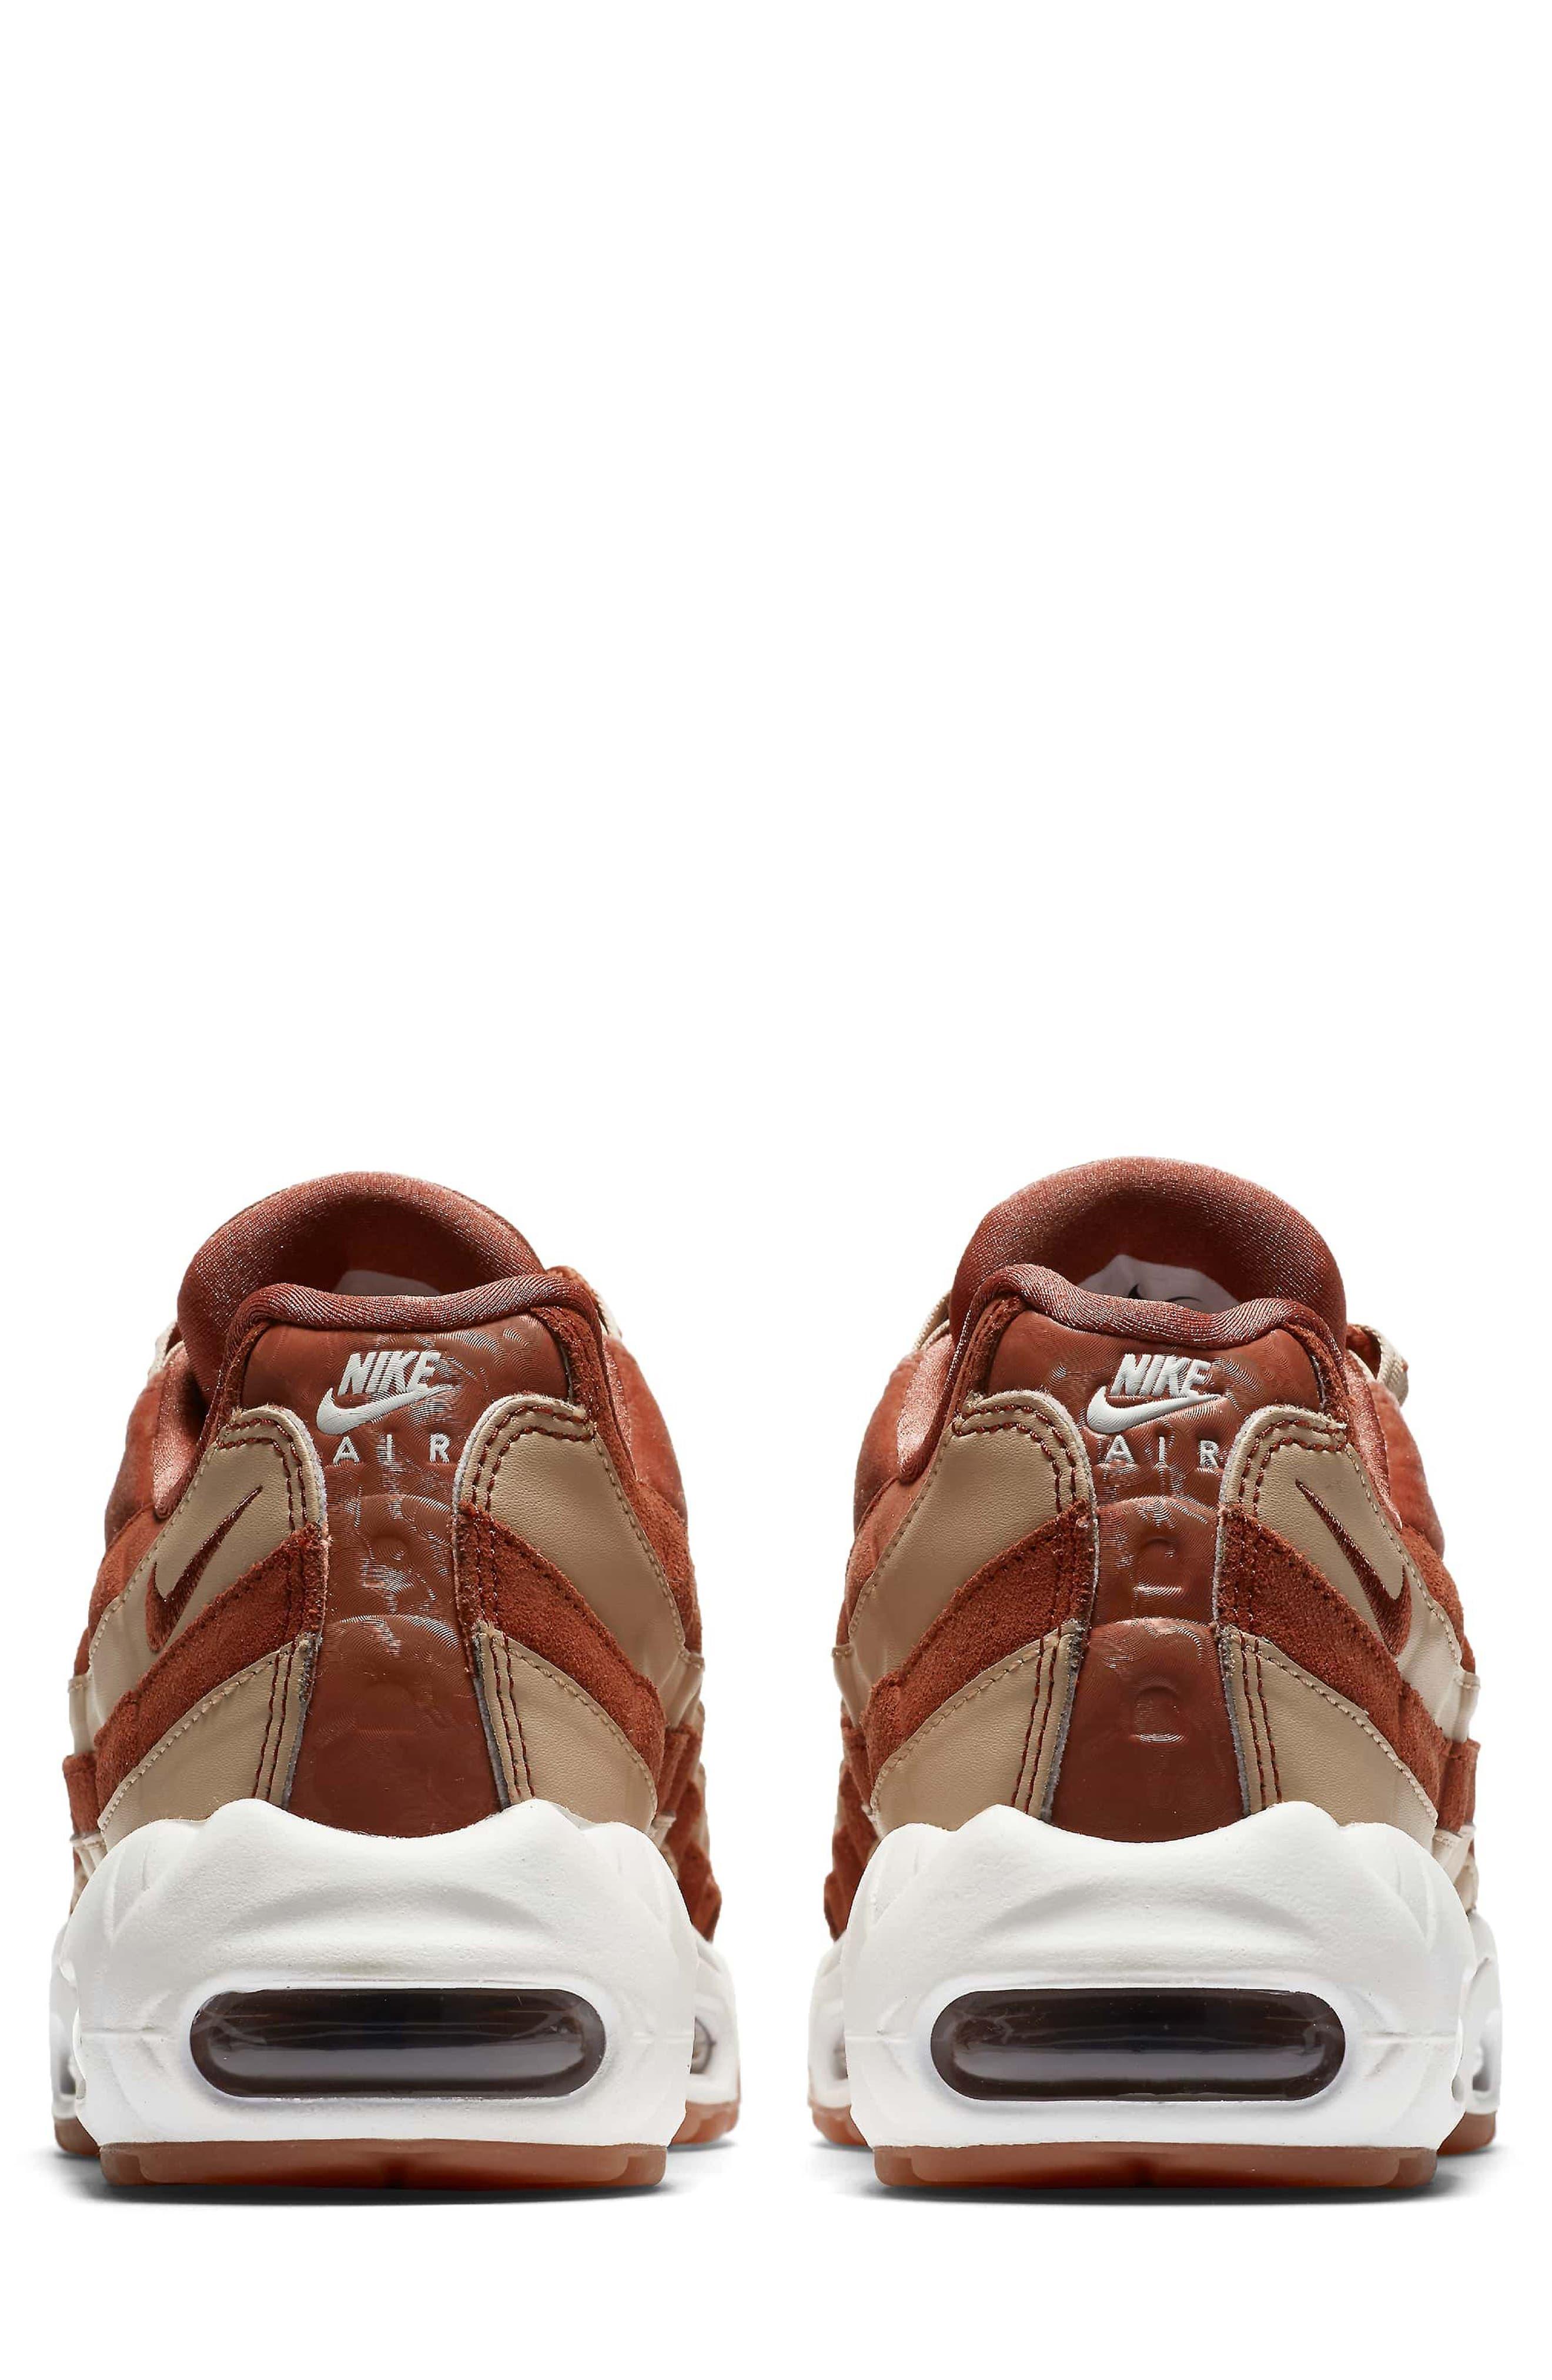 Air Max 95 LX Shoe,                             Alternate thumbnail 2, color,                             Dusty Peach/ Dusty Peach